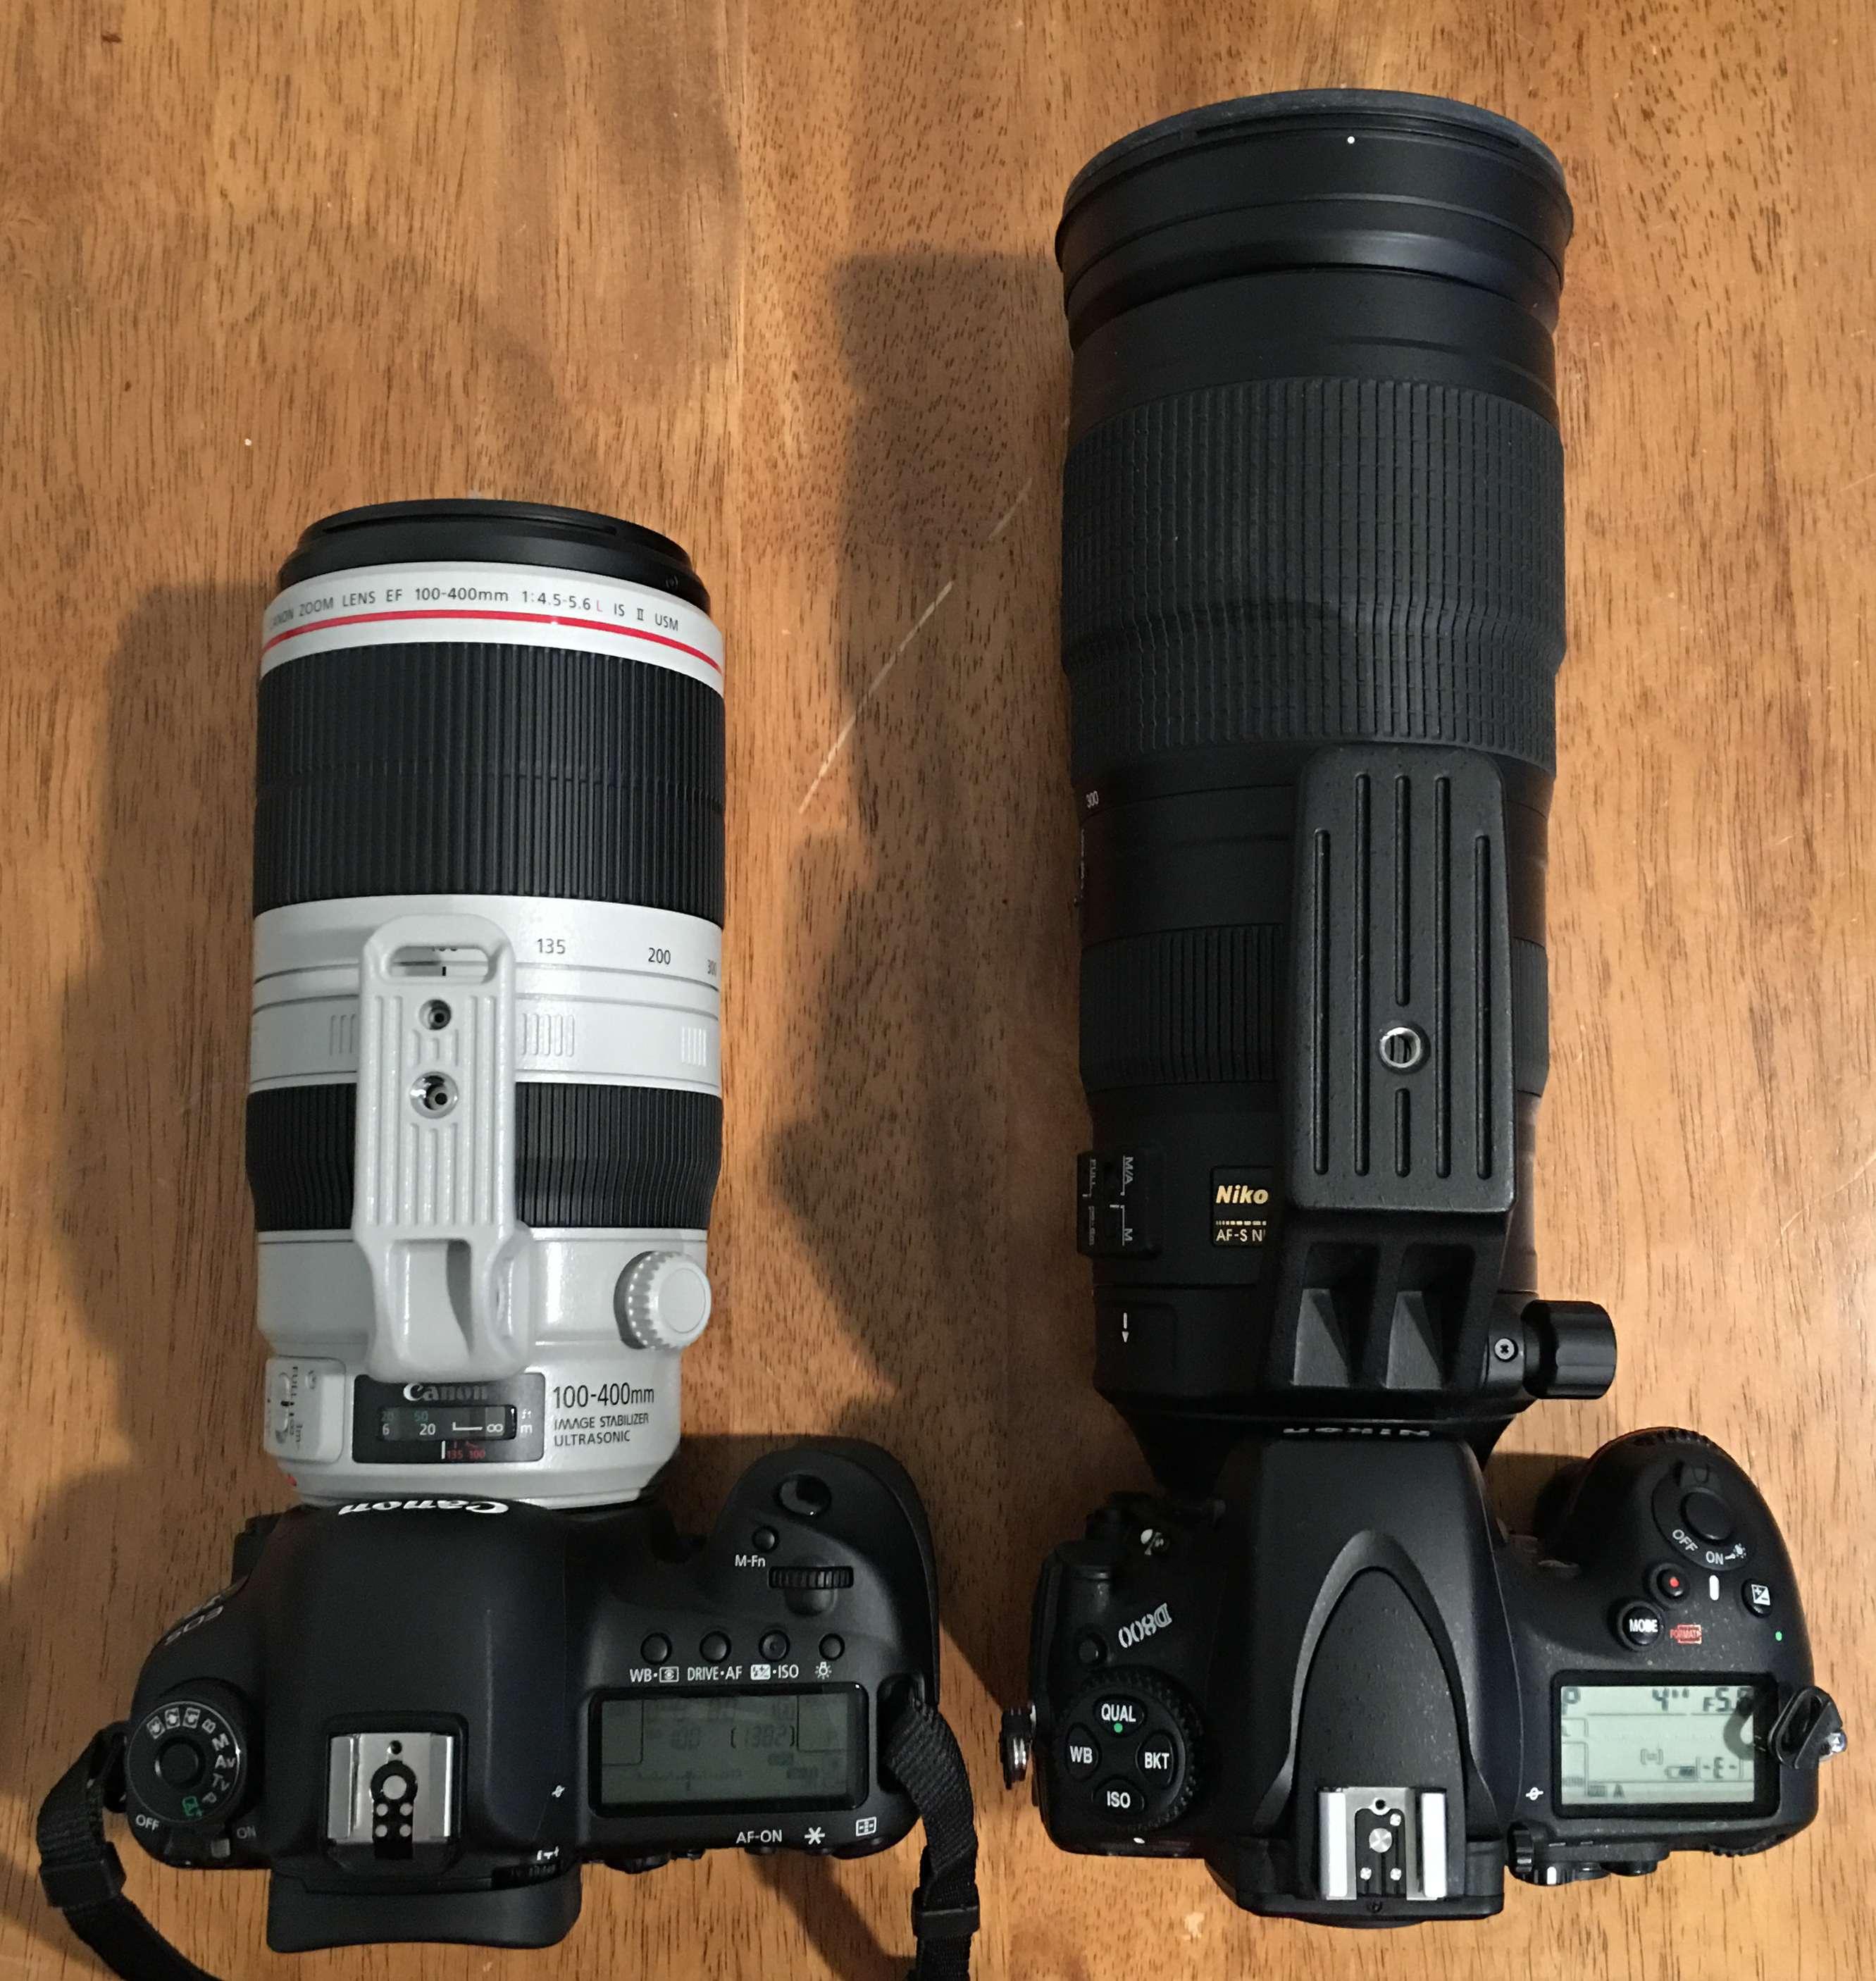 AF-S DX NIKKOR 55-200mm f/4-5.6G ED VR II Telelens Nikon | 2812x2663